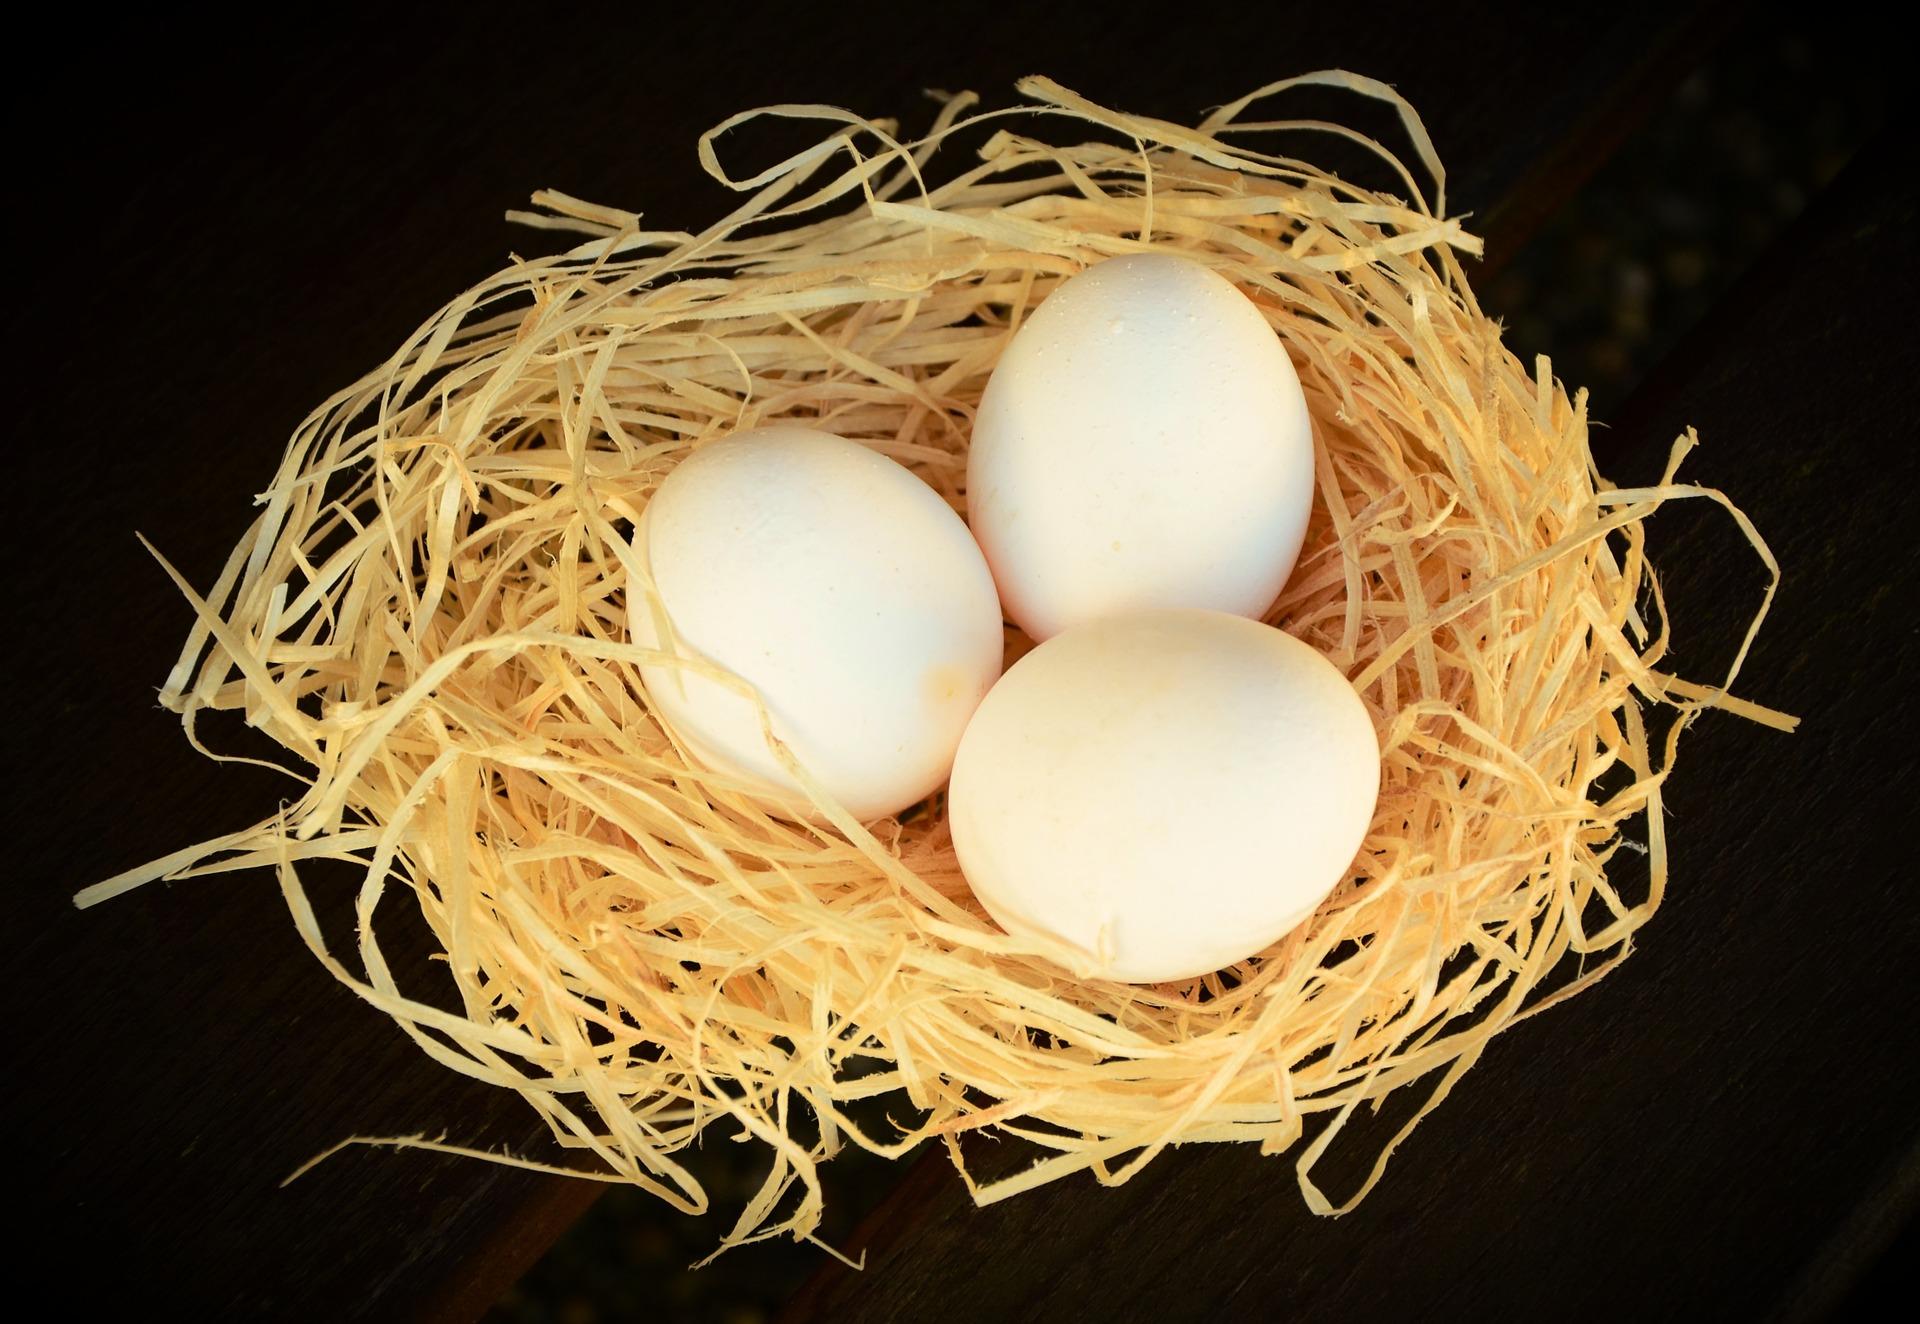 egg-1186759_1920